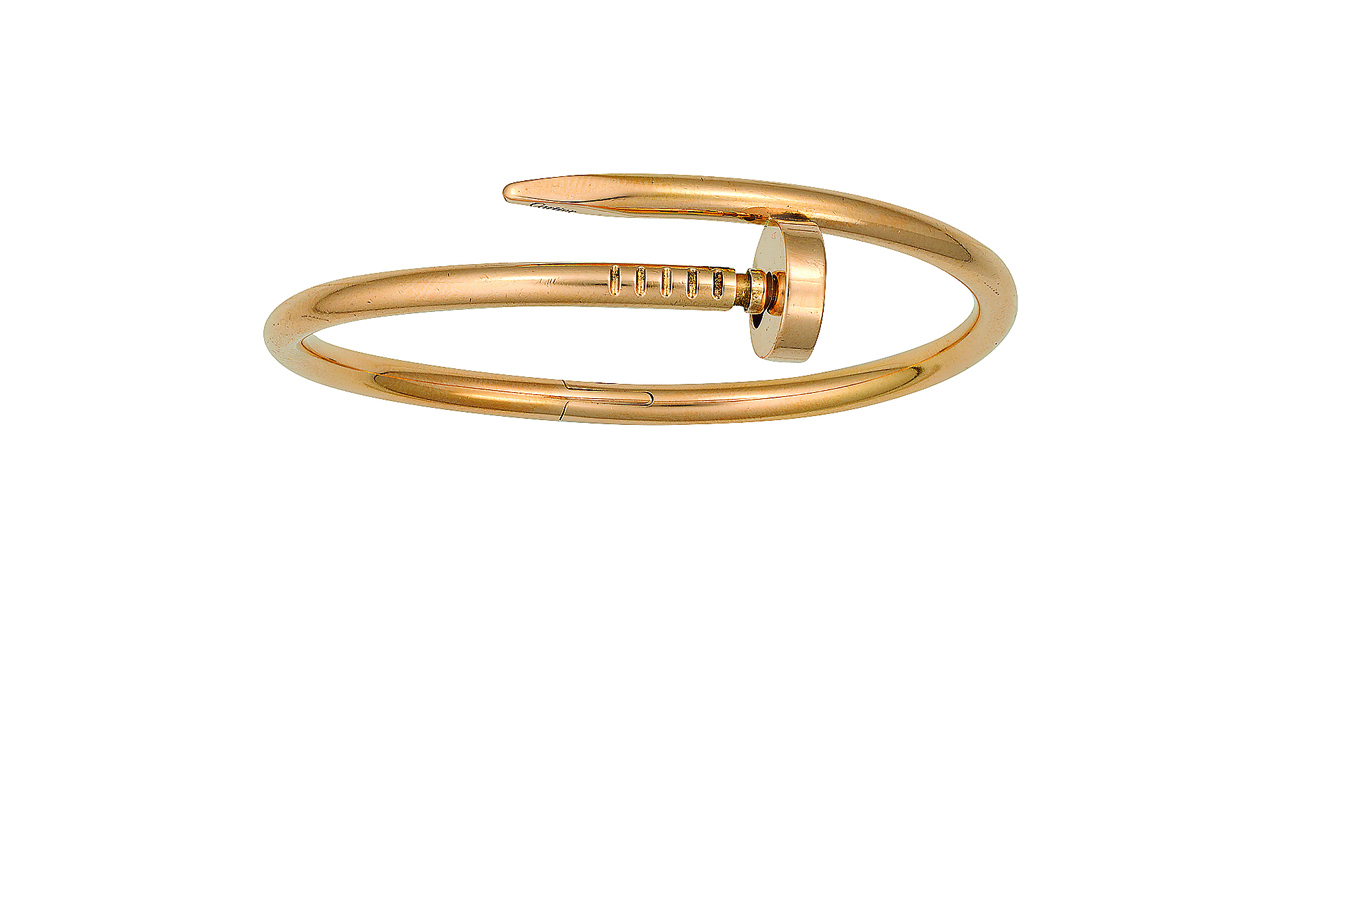 2. kép: A Cartier ikonikus hajlított szöget formázó karkötője